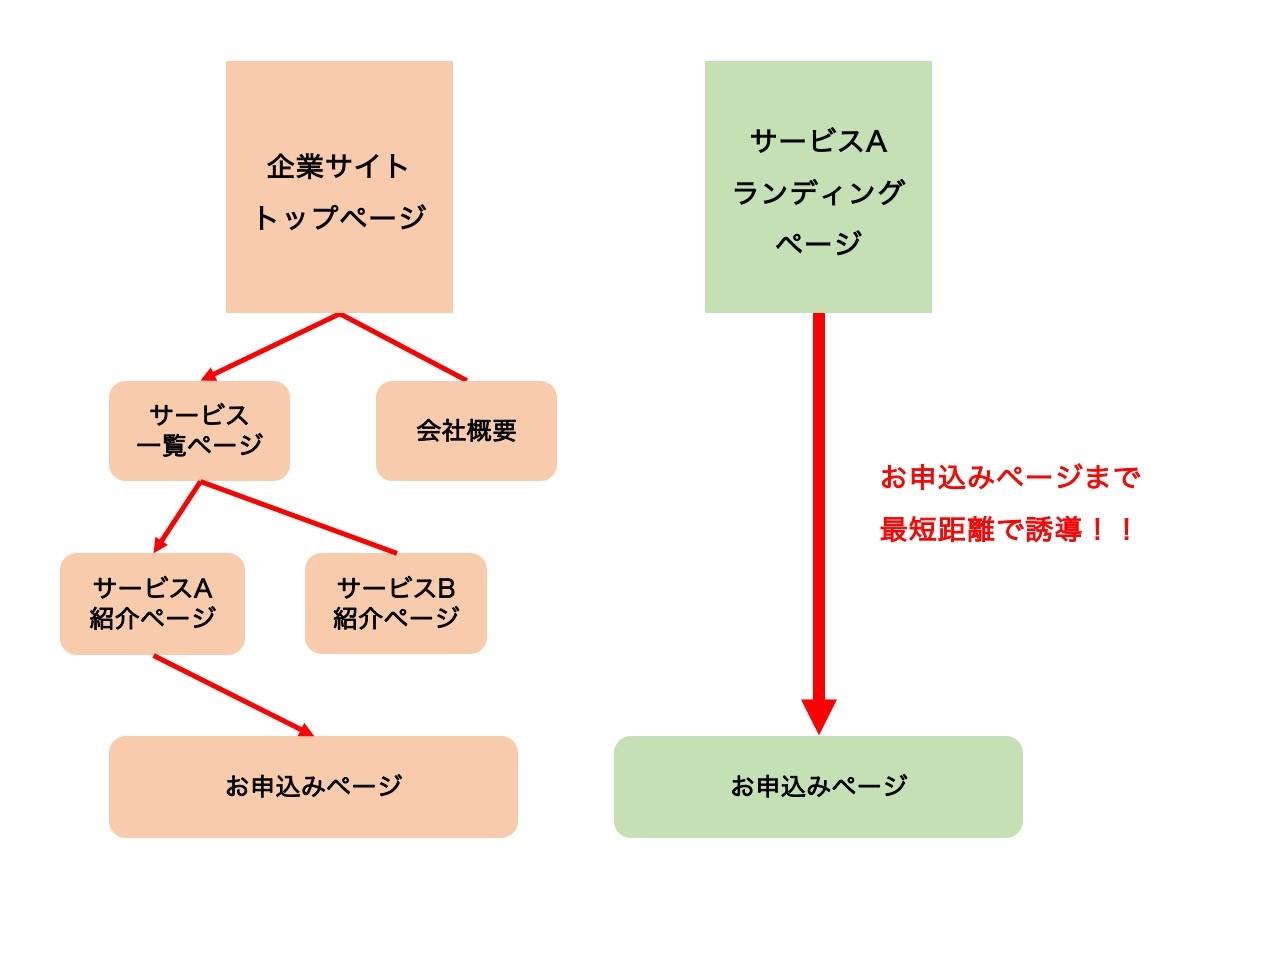 コーポレートサイトとランディングページとの比較図